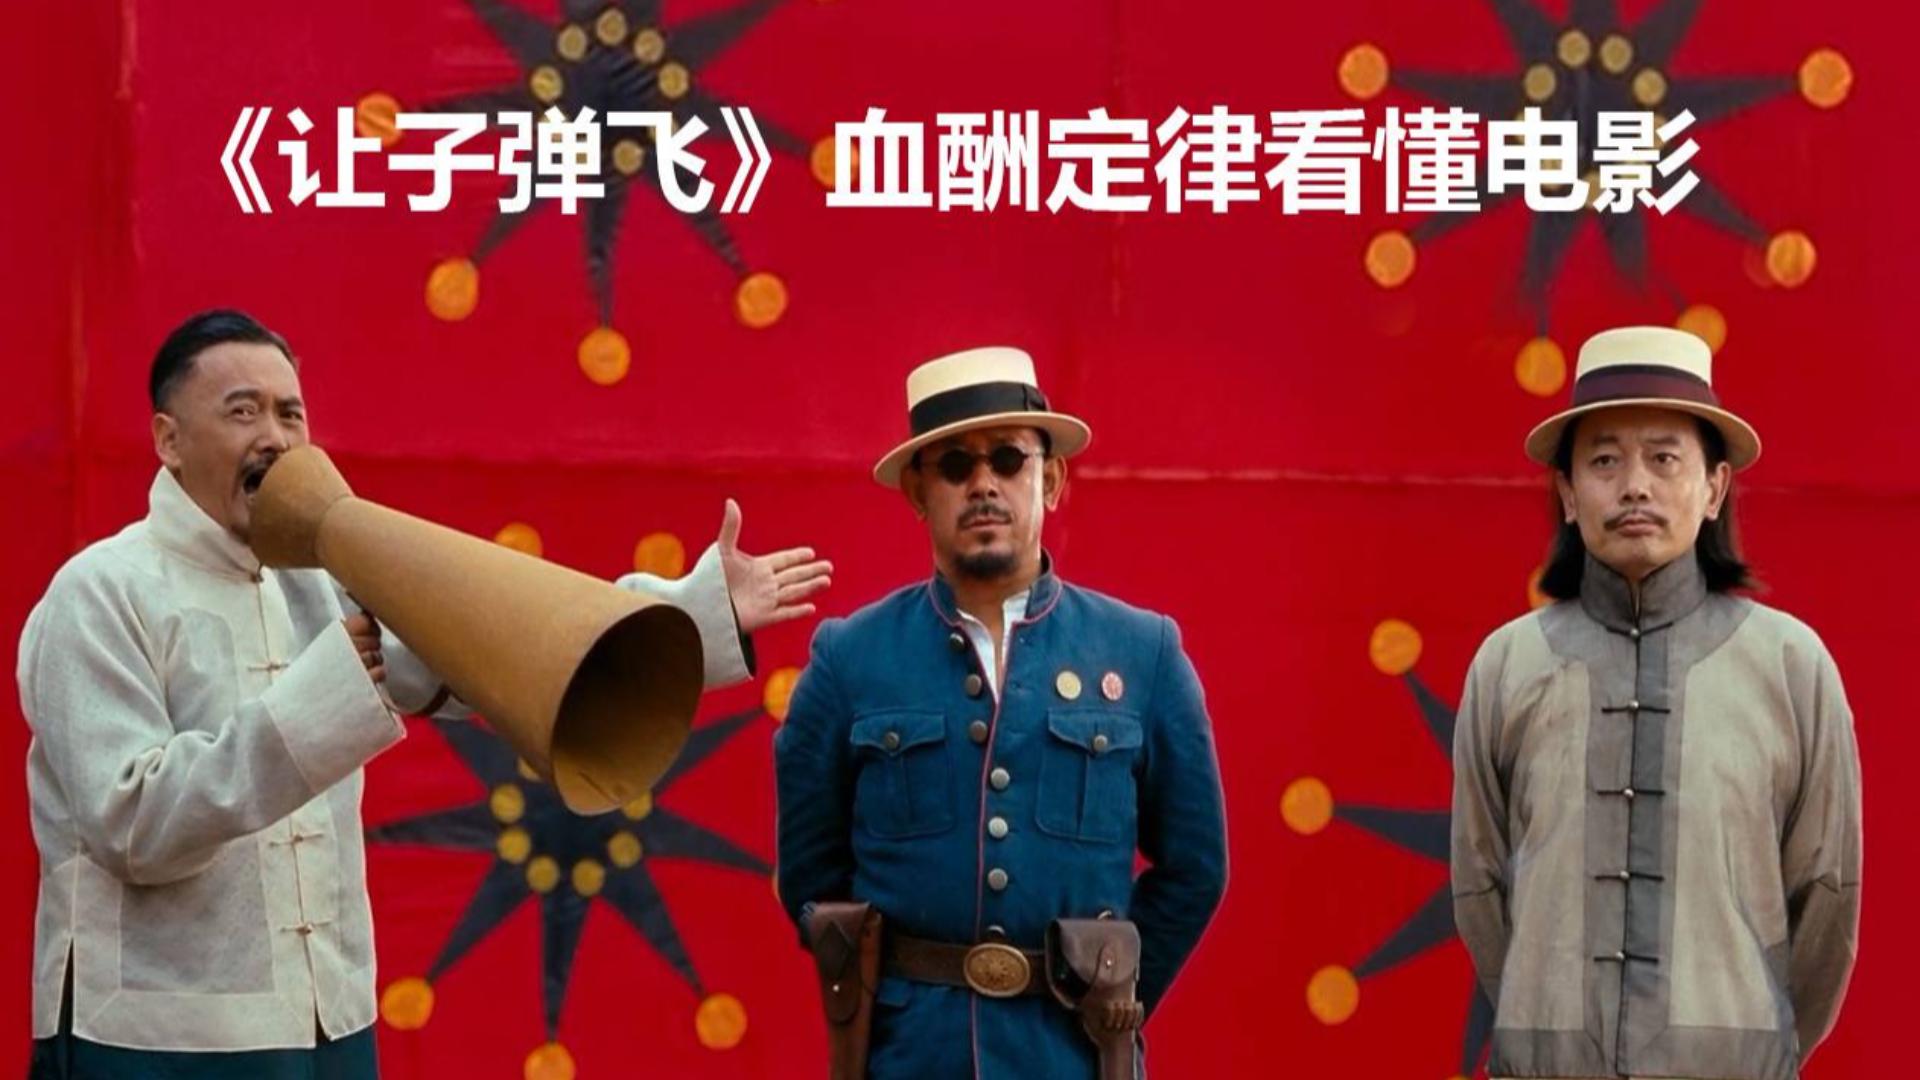 姜文-《让子弹飞》为什么黄四郎不能杀?舞台vs电影,契诃夫之枪和省略艺术!